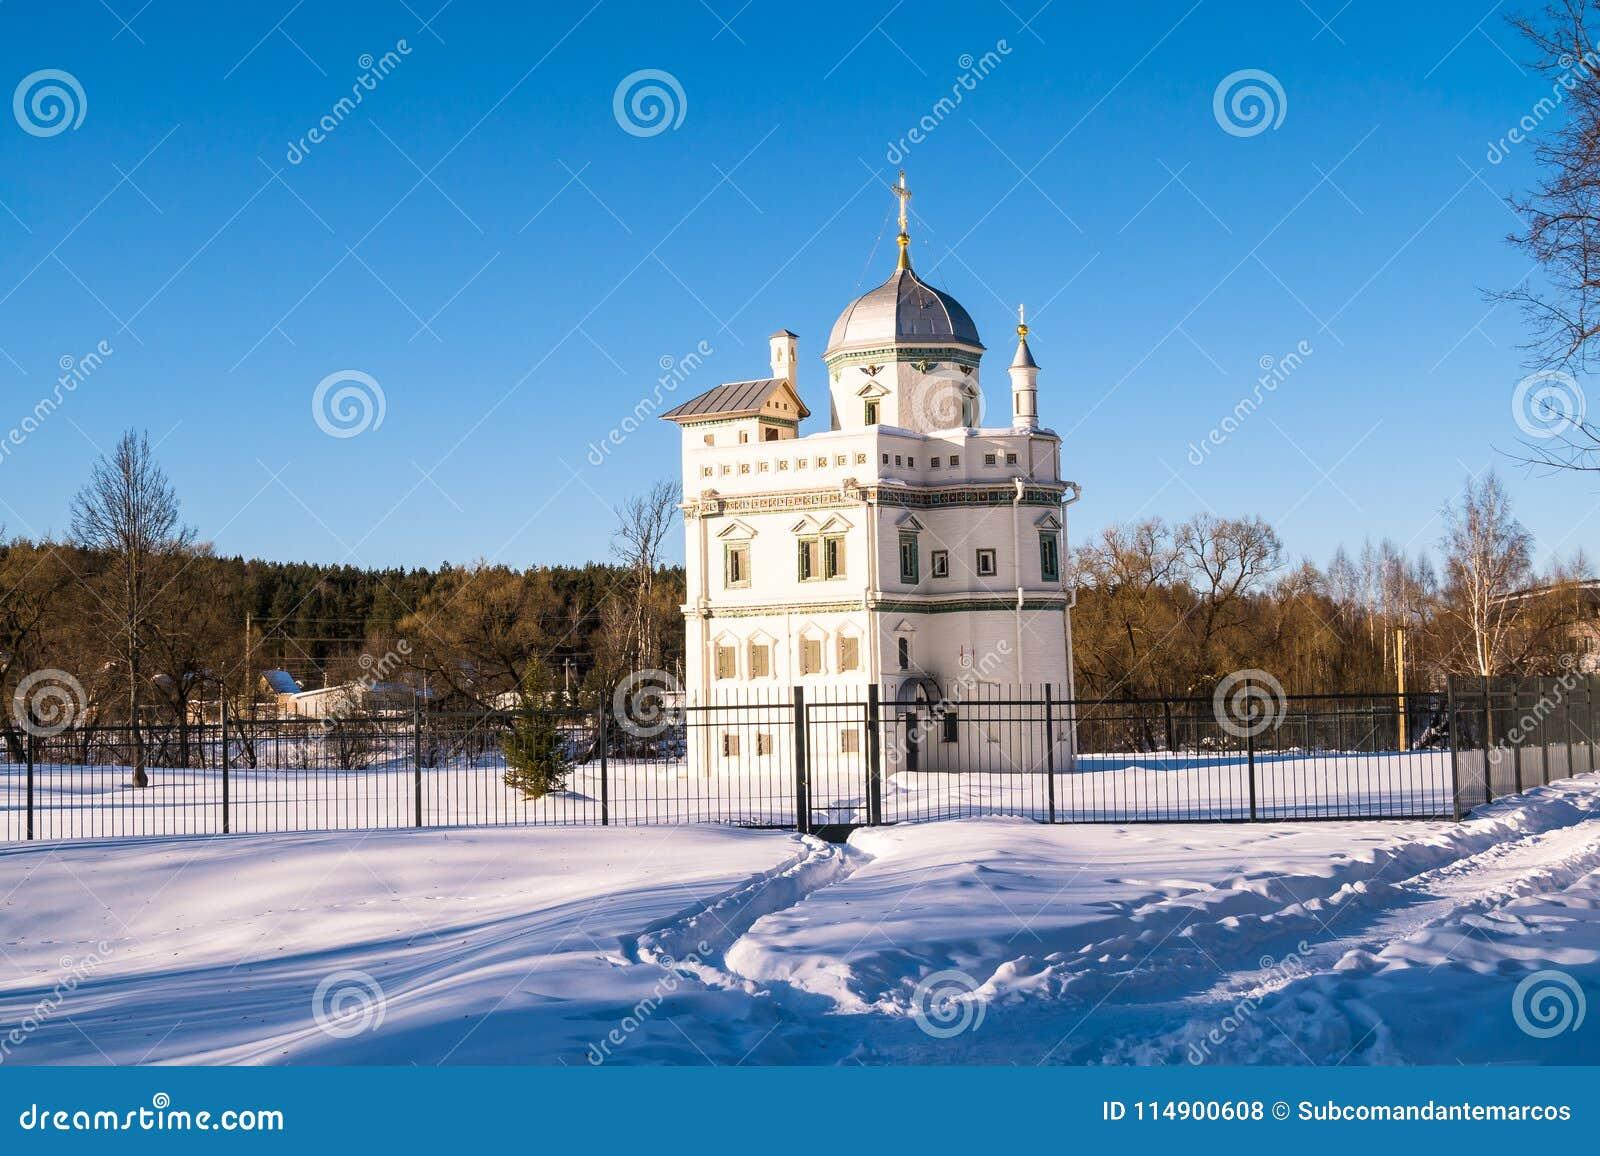 De kluis van de 17de eeuw van Patriarch Nikon naast het Nieuwe Klooster van Jeruzalem Istra, de voorsteden van Moskou, Rusland